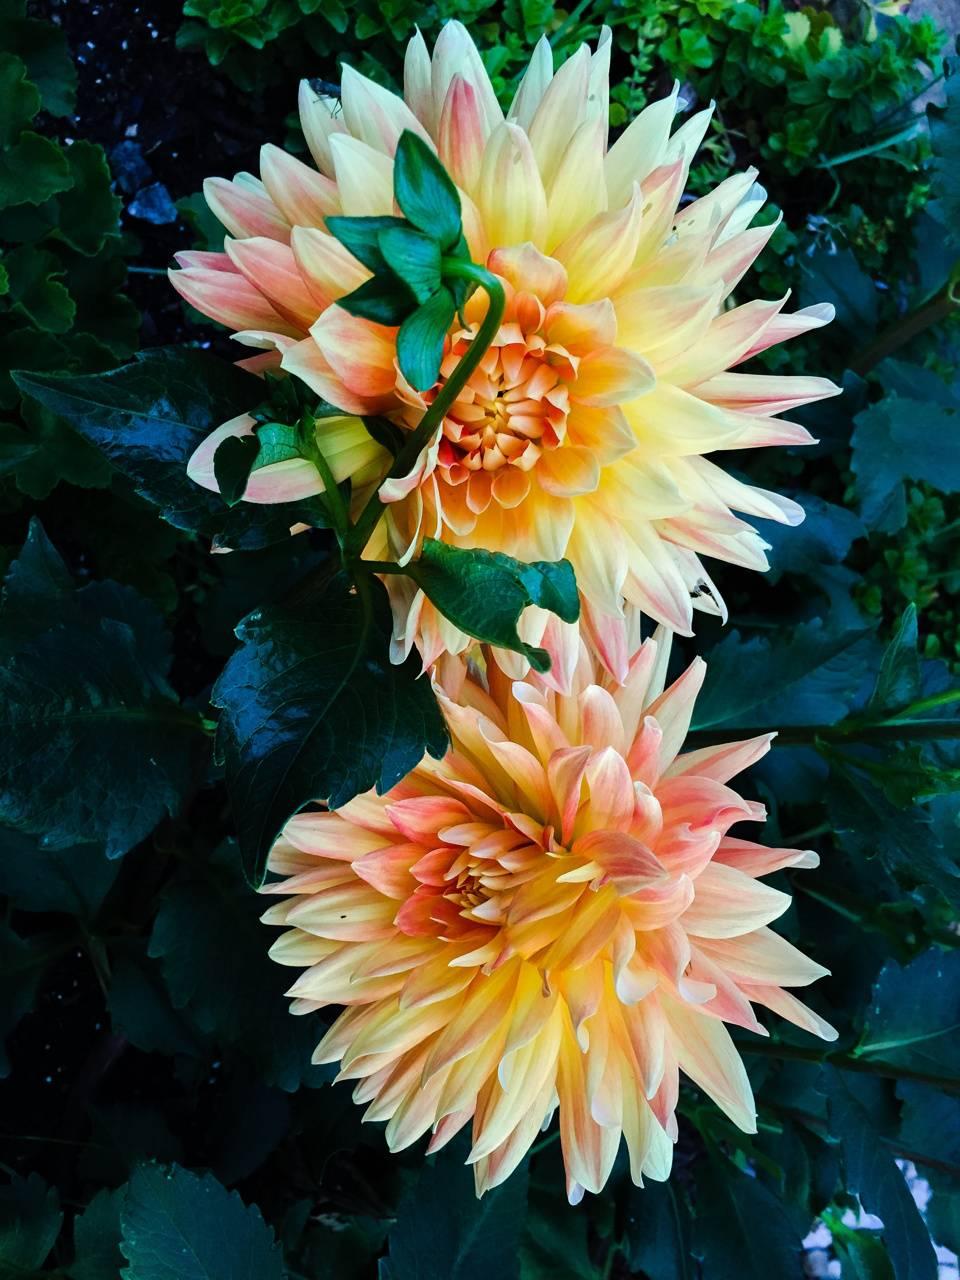 Flowers edited